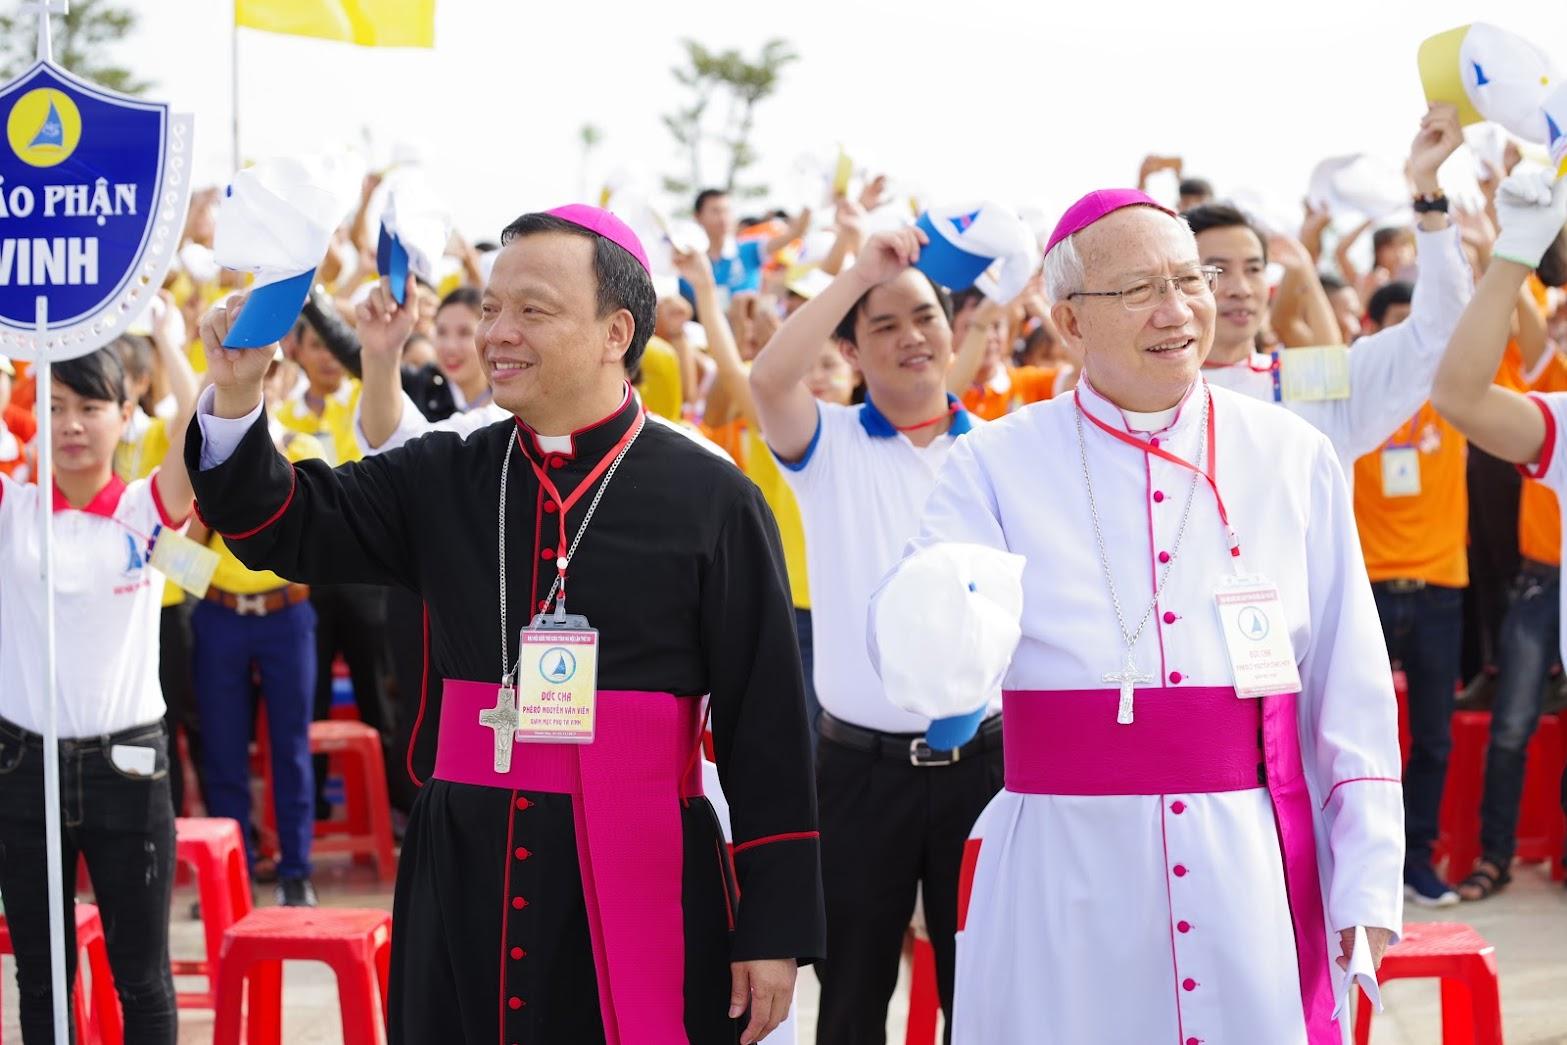 Những hình ảnh đẹp về lễ khai mạc Đại Hội Giới Trẻ giáo tỉnh Hà Nội lần thứ XV tại Thanh Hóa - Ảnh minh hoạ 19